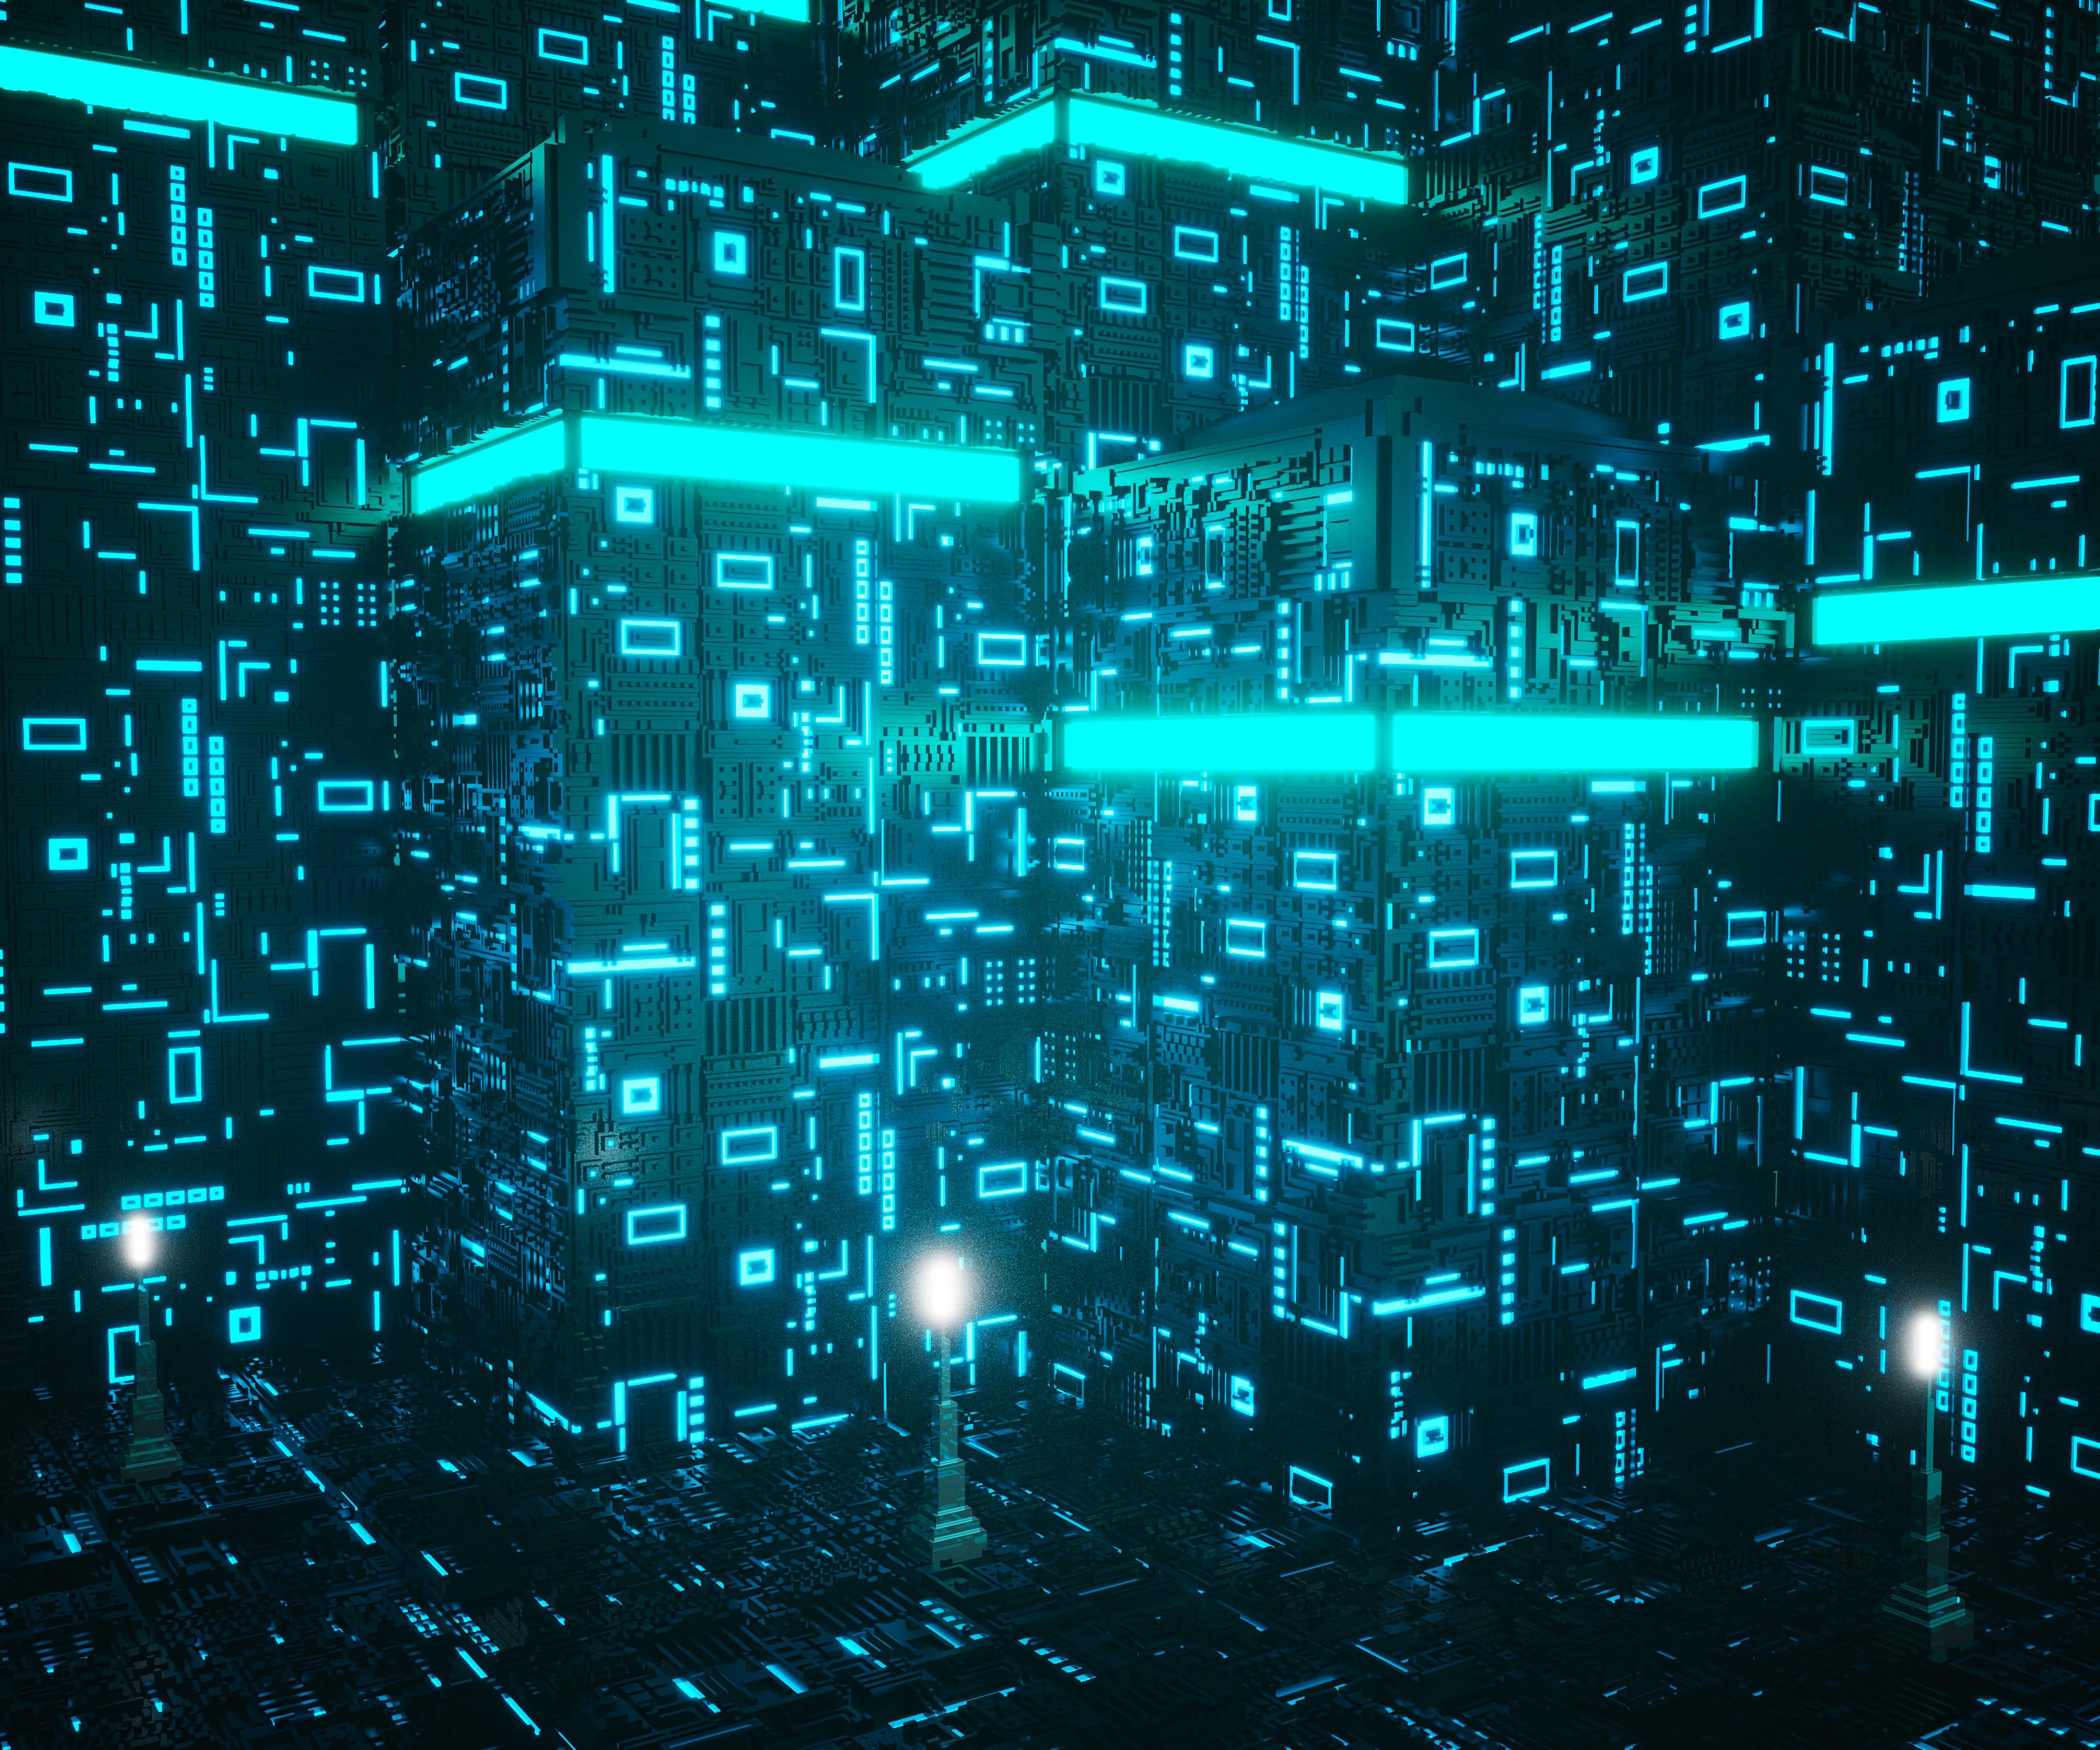 58008 Hintergrundbild herunterladen 3D, Form, Neon, Formen, Chip, Planen, Schema - Bildschirmschoner und Bilder kostenlos